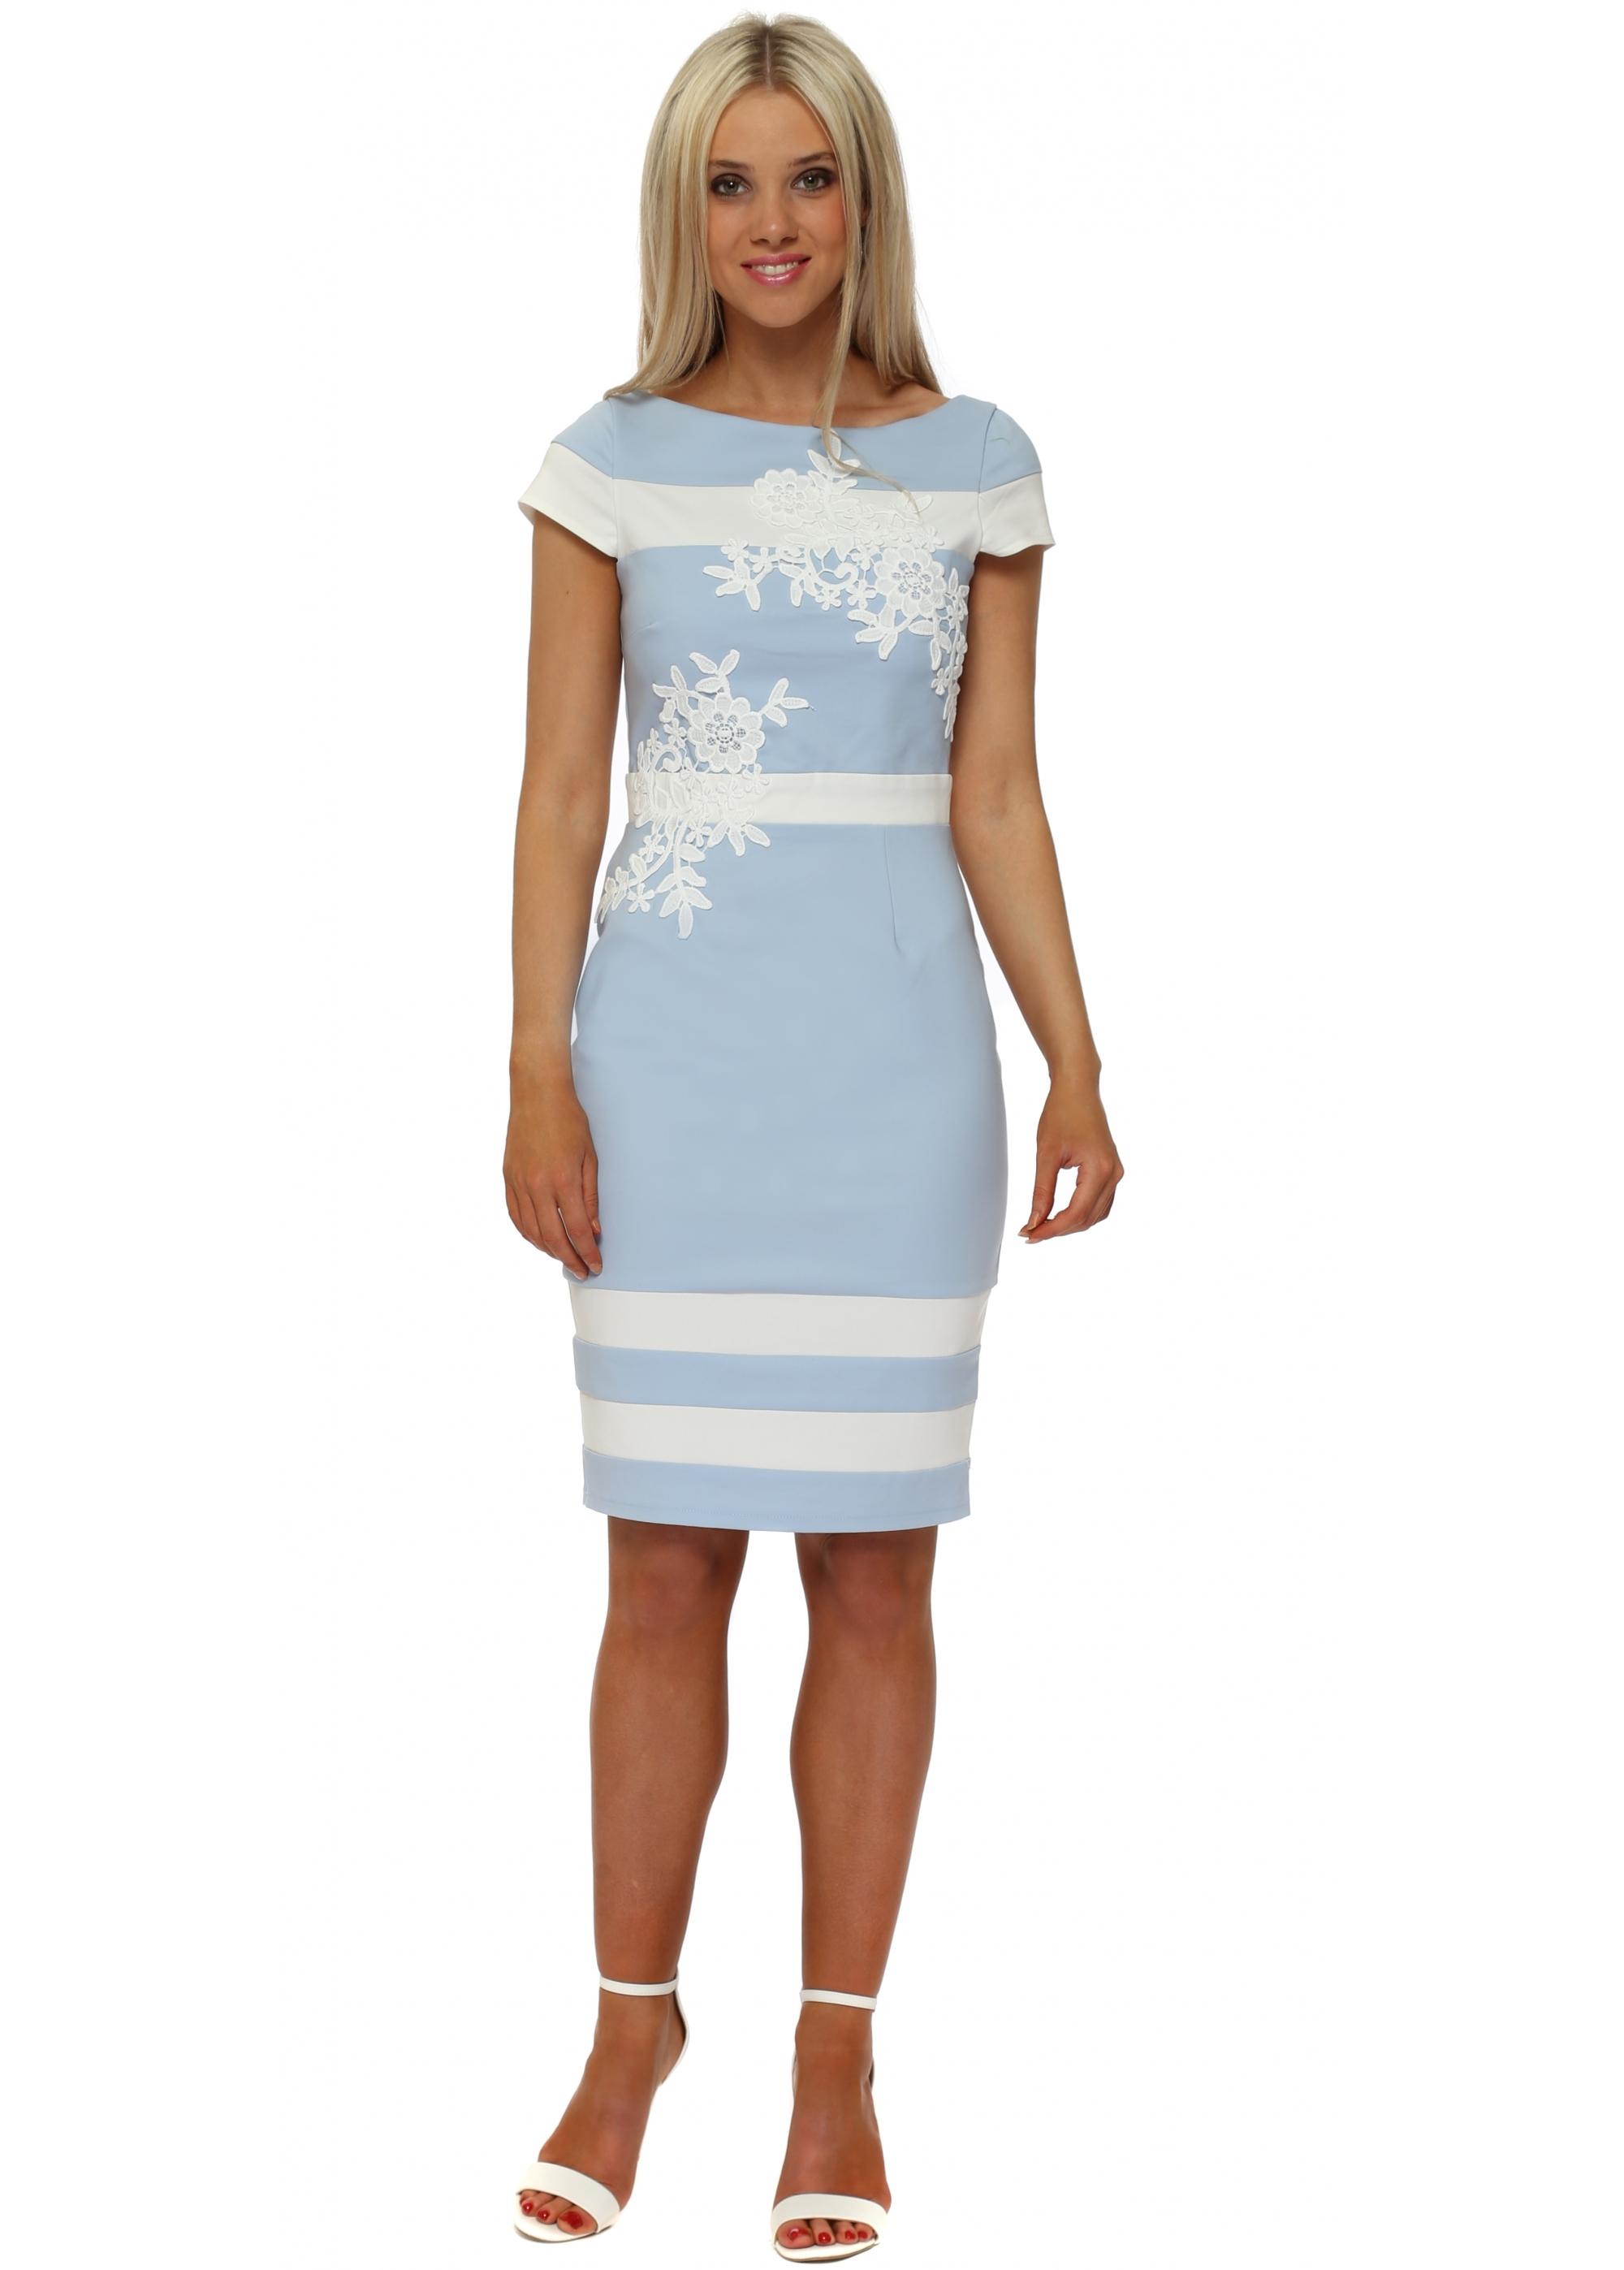 f30a3e4c329 Light Blue Floral Applique Pencil Dress